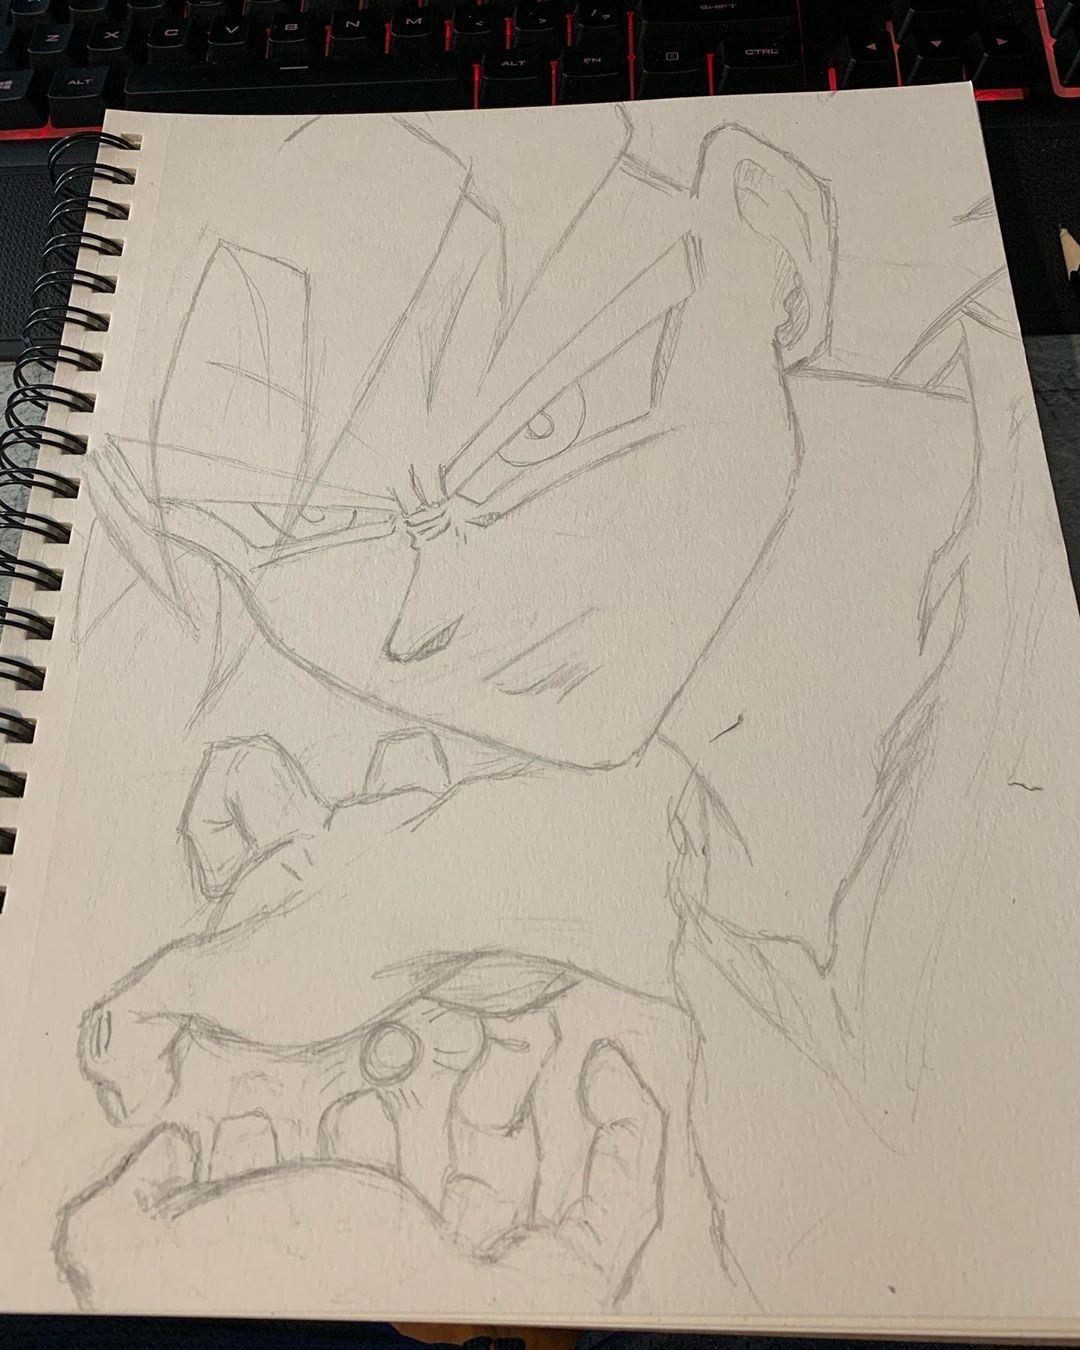 #drawing #drawings #sketch #sketchbook #sketching #art #artwork #artist #artistsoninstagram #dragonball